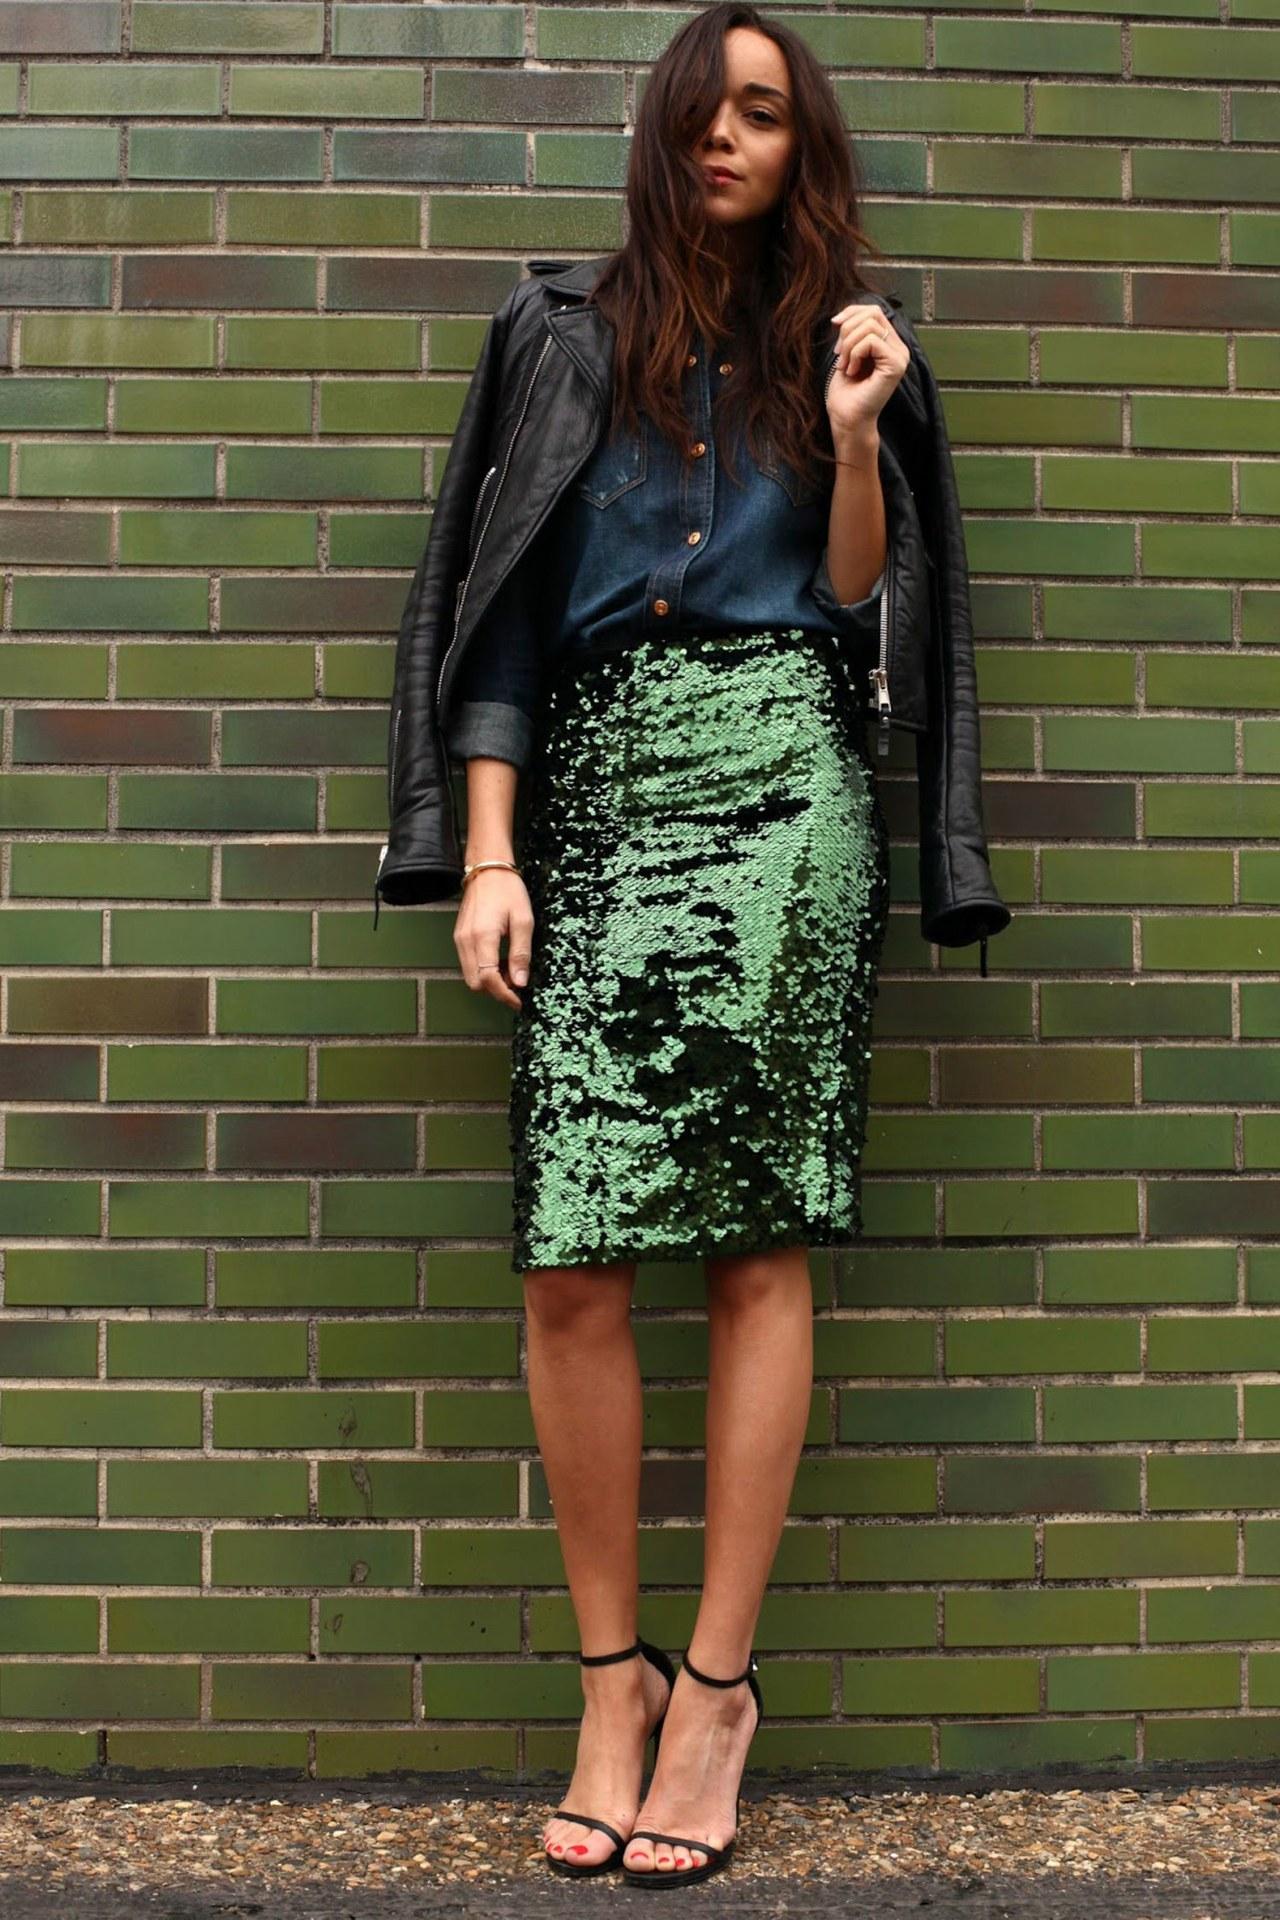 sequin skirt outfit ideas ring my bell tvutpvu